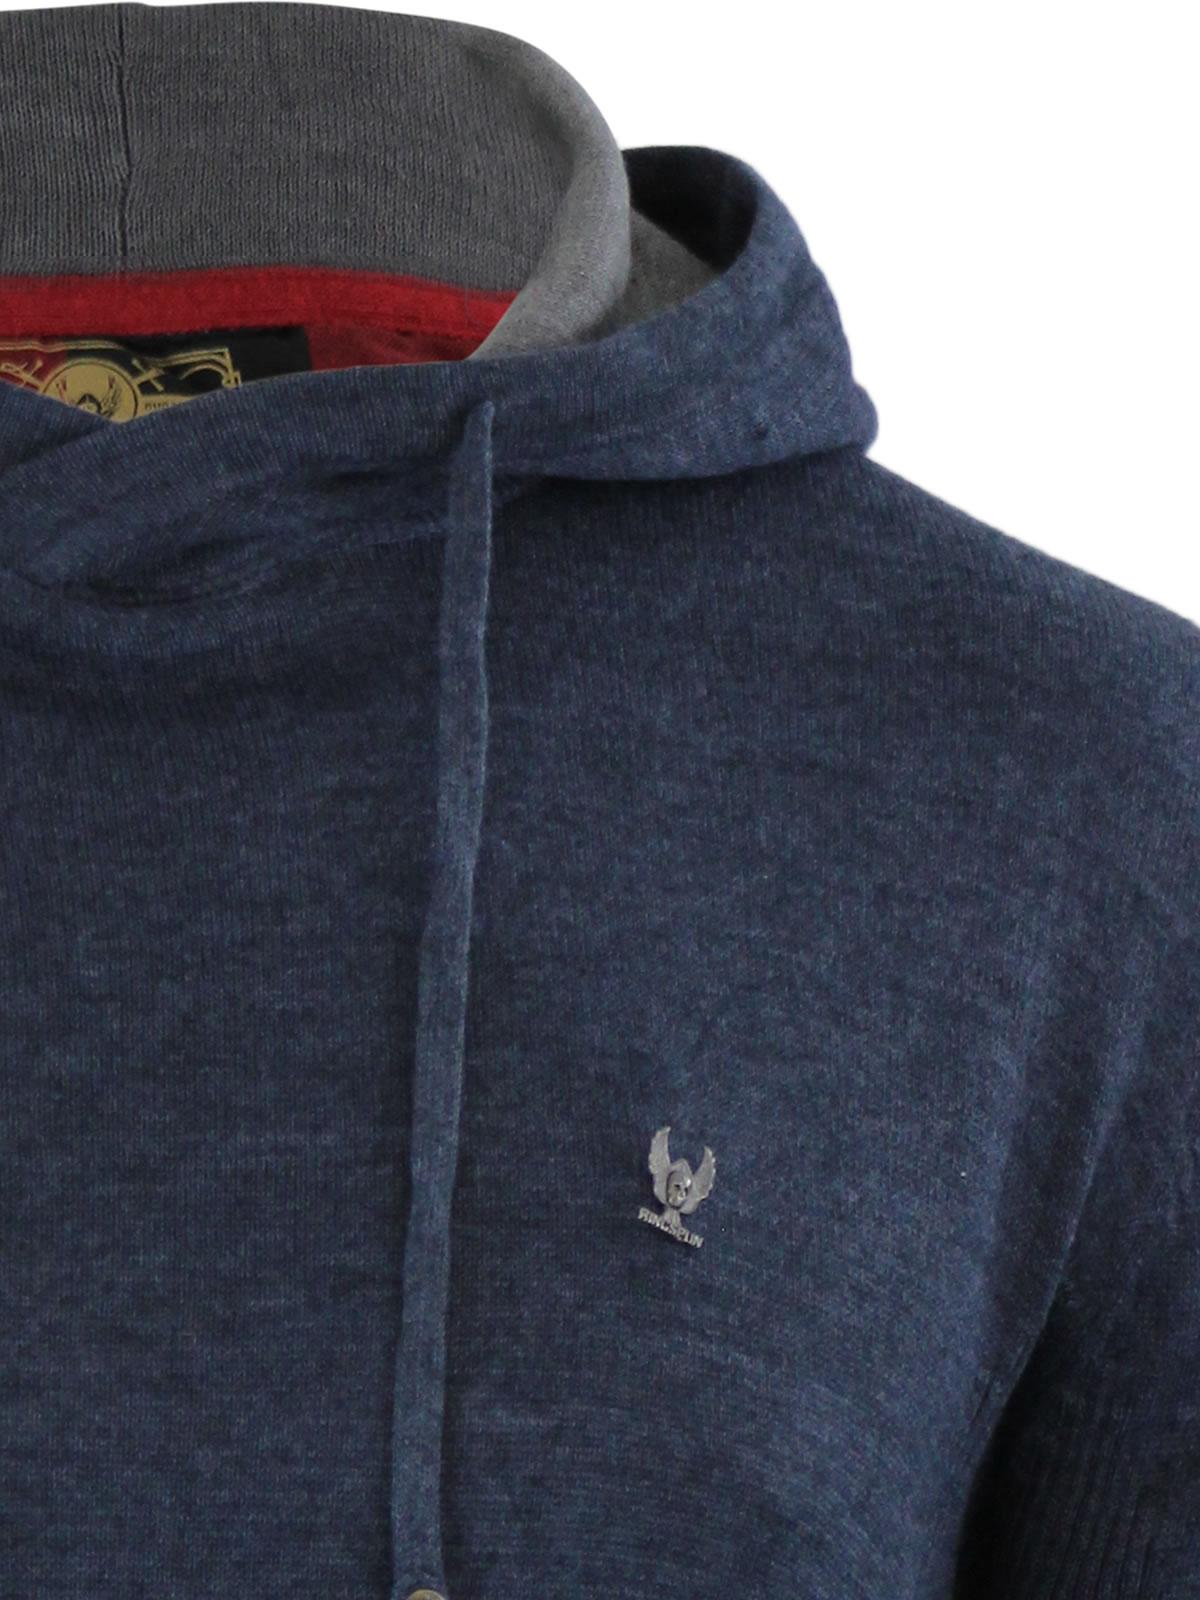 Mens Hoodie Jumper Ringspun Junip Hooded Knitted Sweater ...